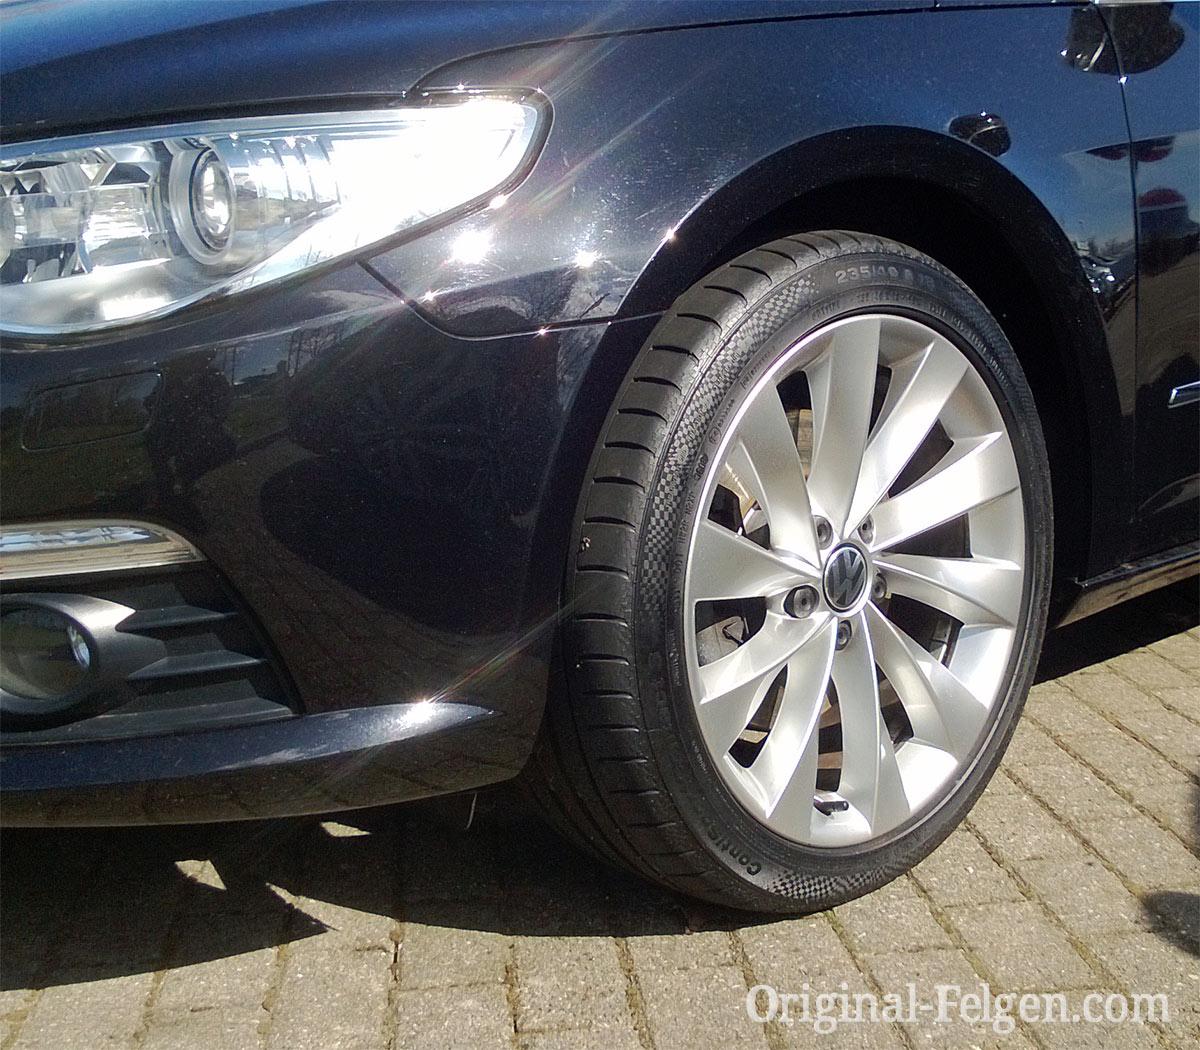 Audi Vw Original Felge 3c8 601 025 D Vw Alufelge